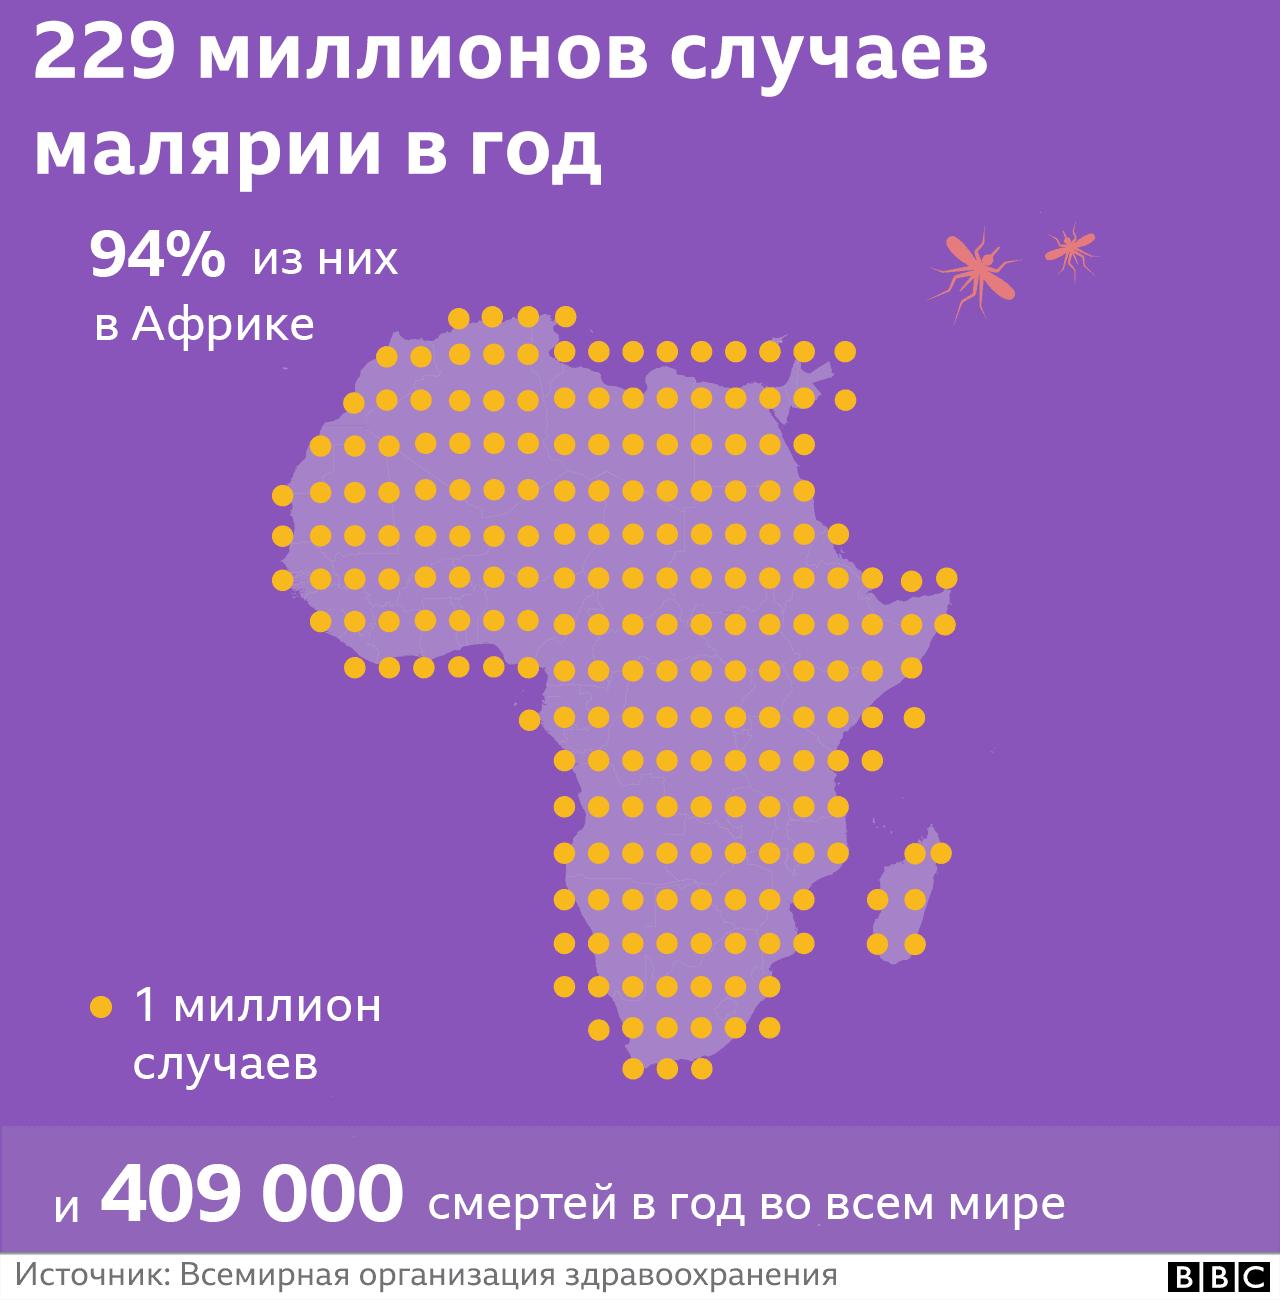 От малярии, главным образом, страдают жители африканских стран